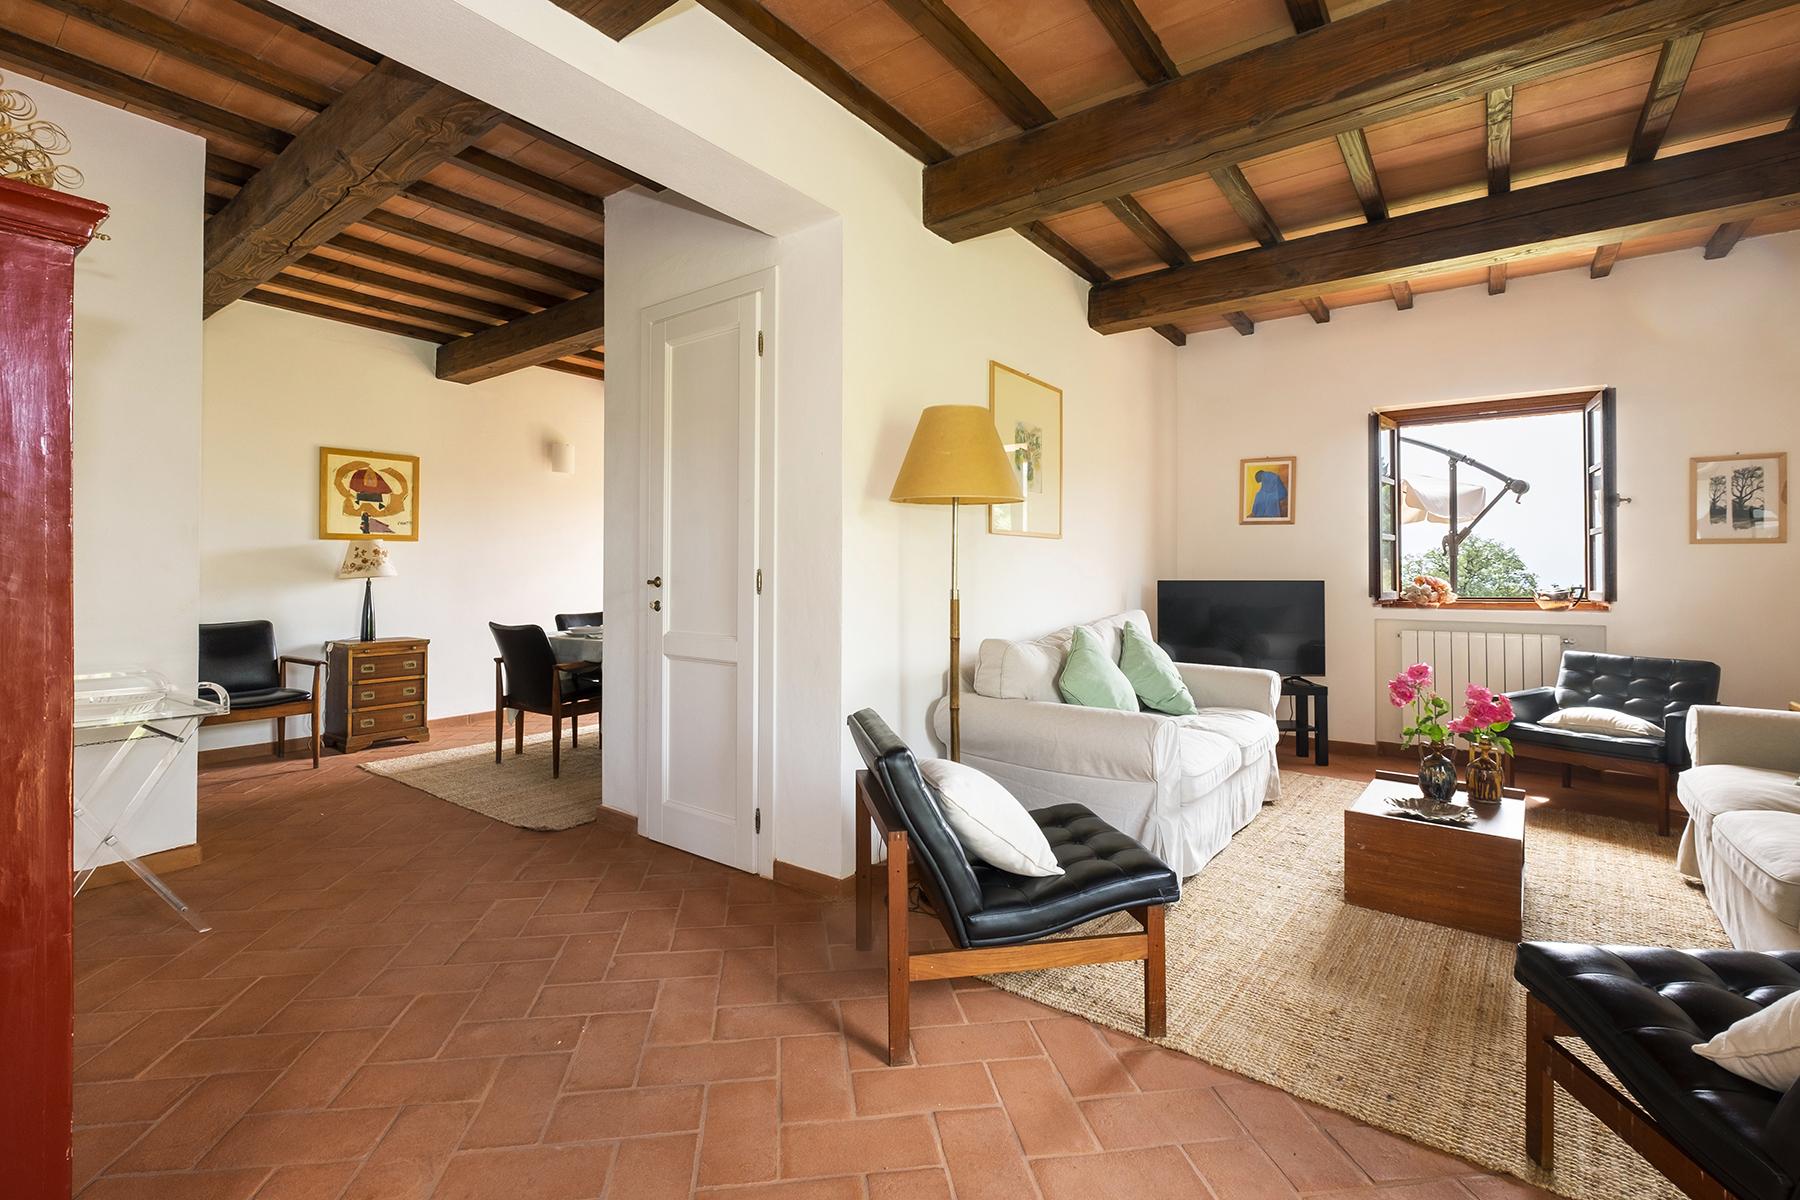 Appartamento in Vendita a Scansano: 5 locali, 129 mq - Foto 10